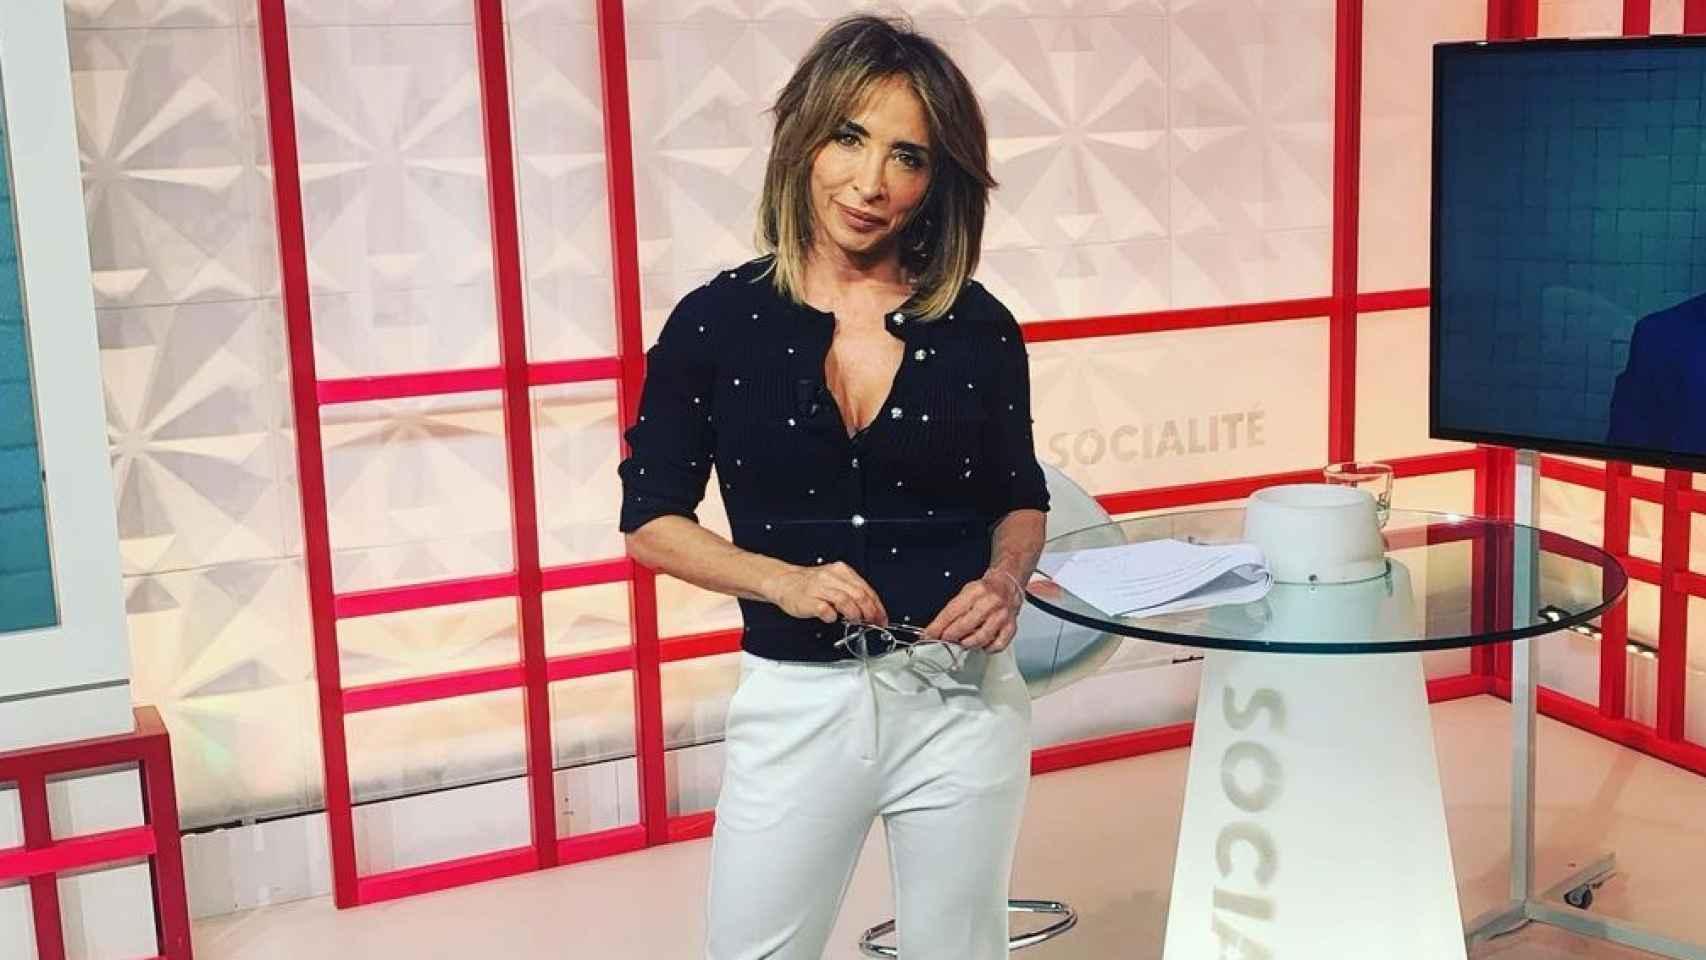 María Patiño, en 'Socialité'.